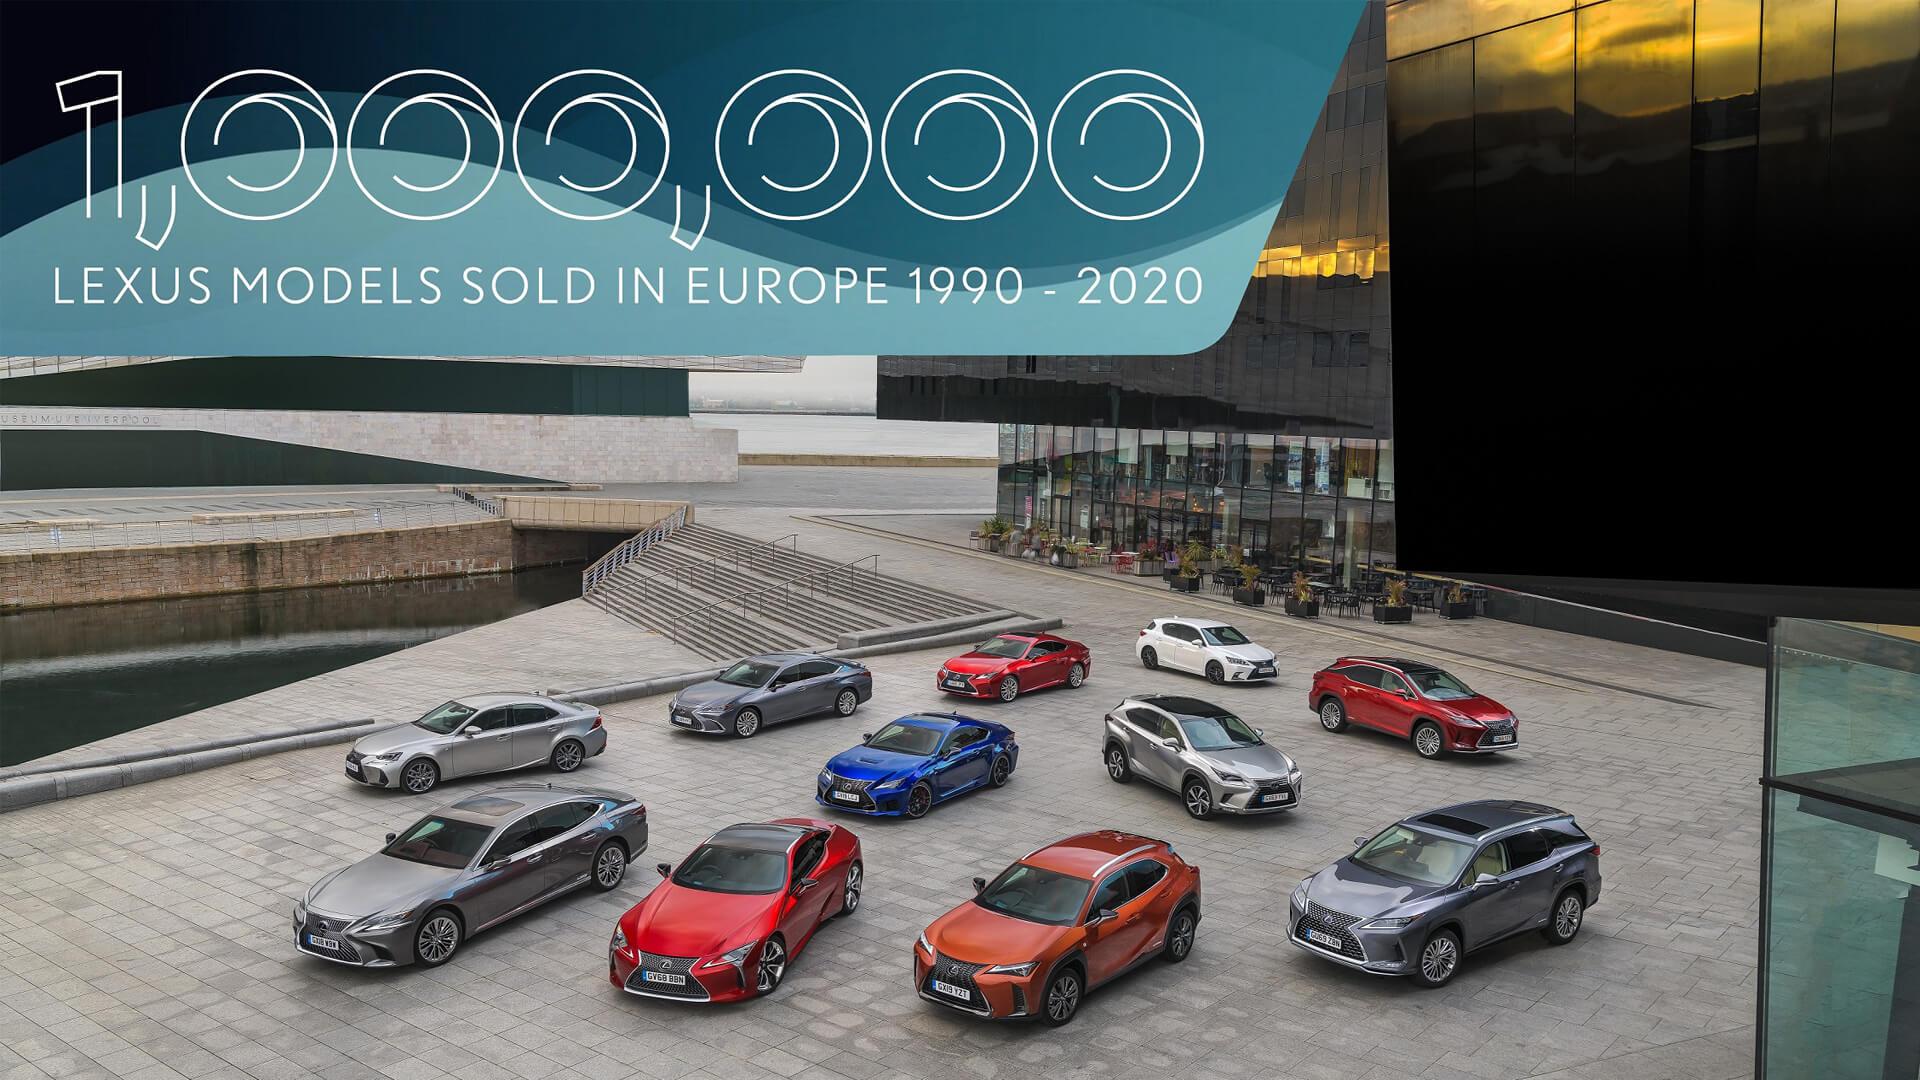 Lexus Avrupa'da 1 Milyon Satış Adedine Ulaştı gallery01